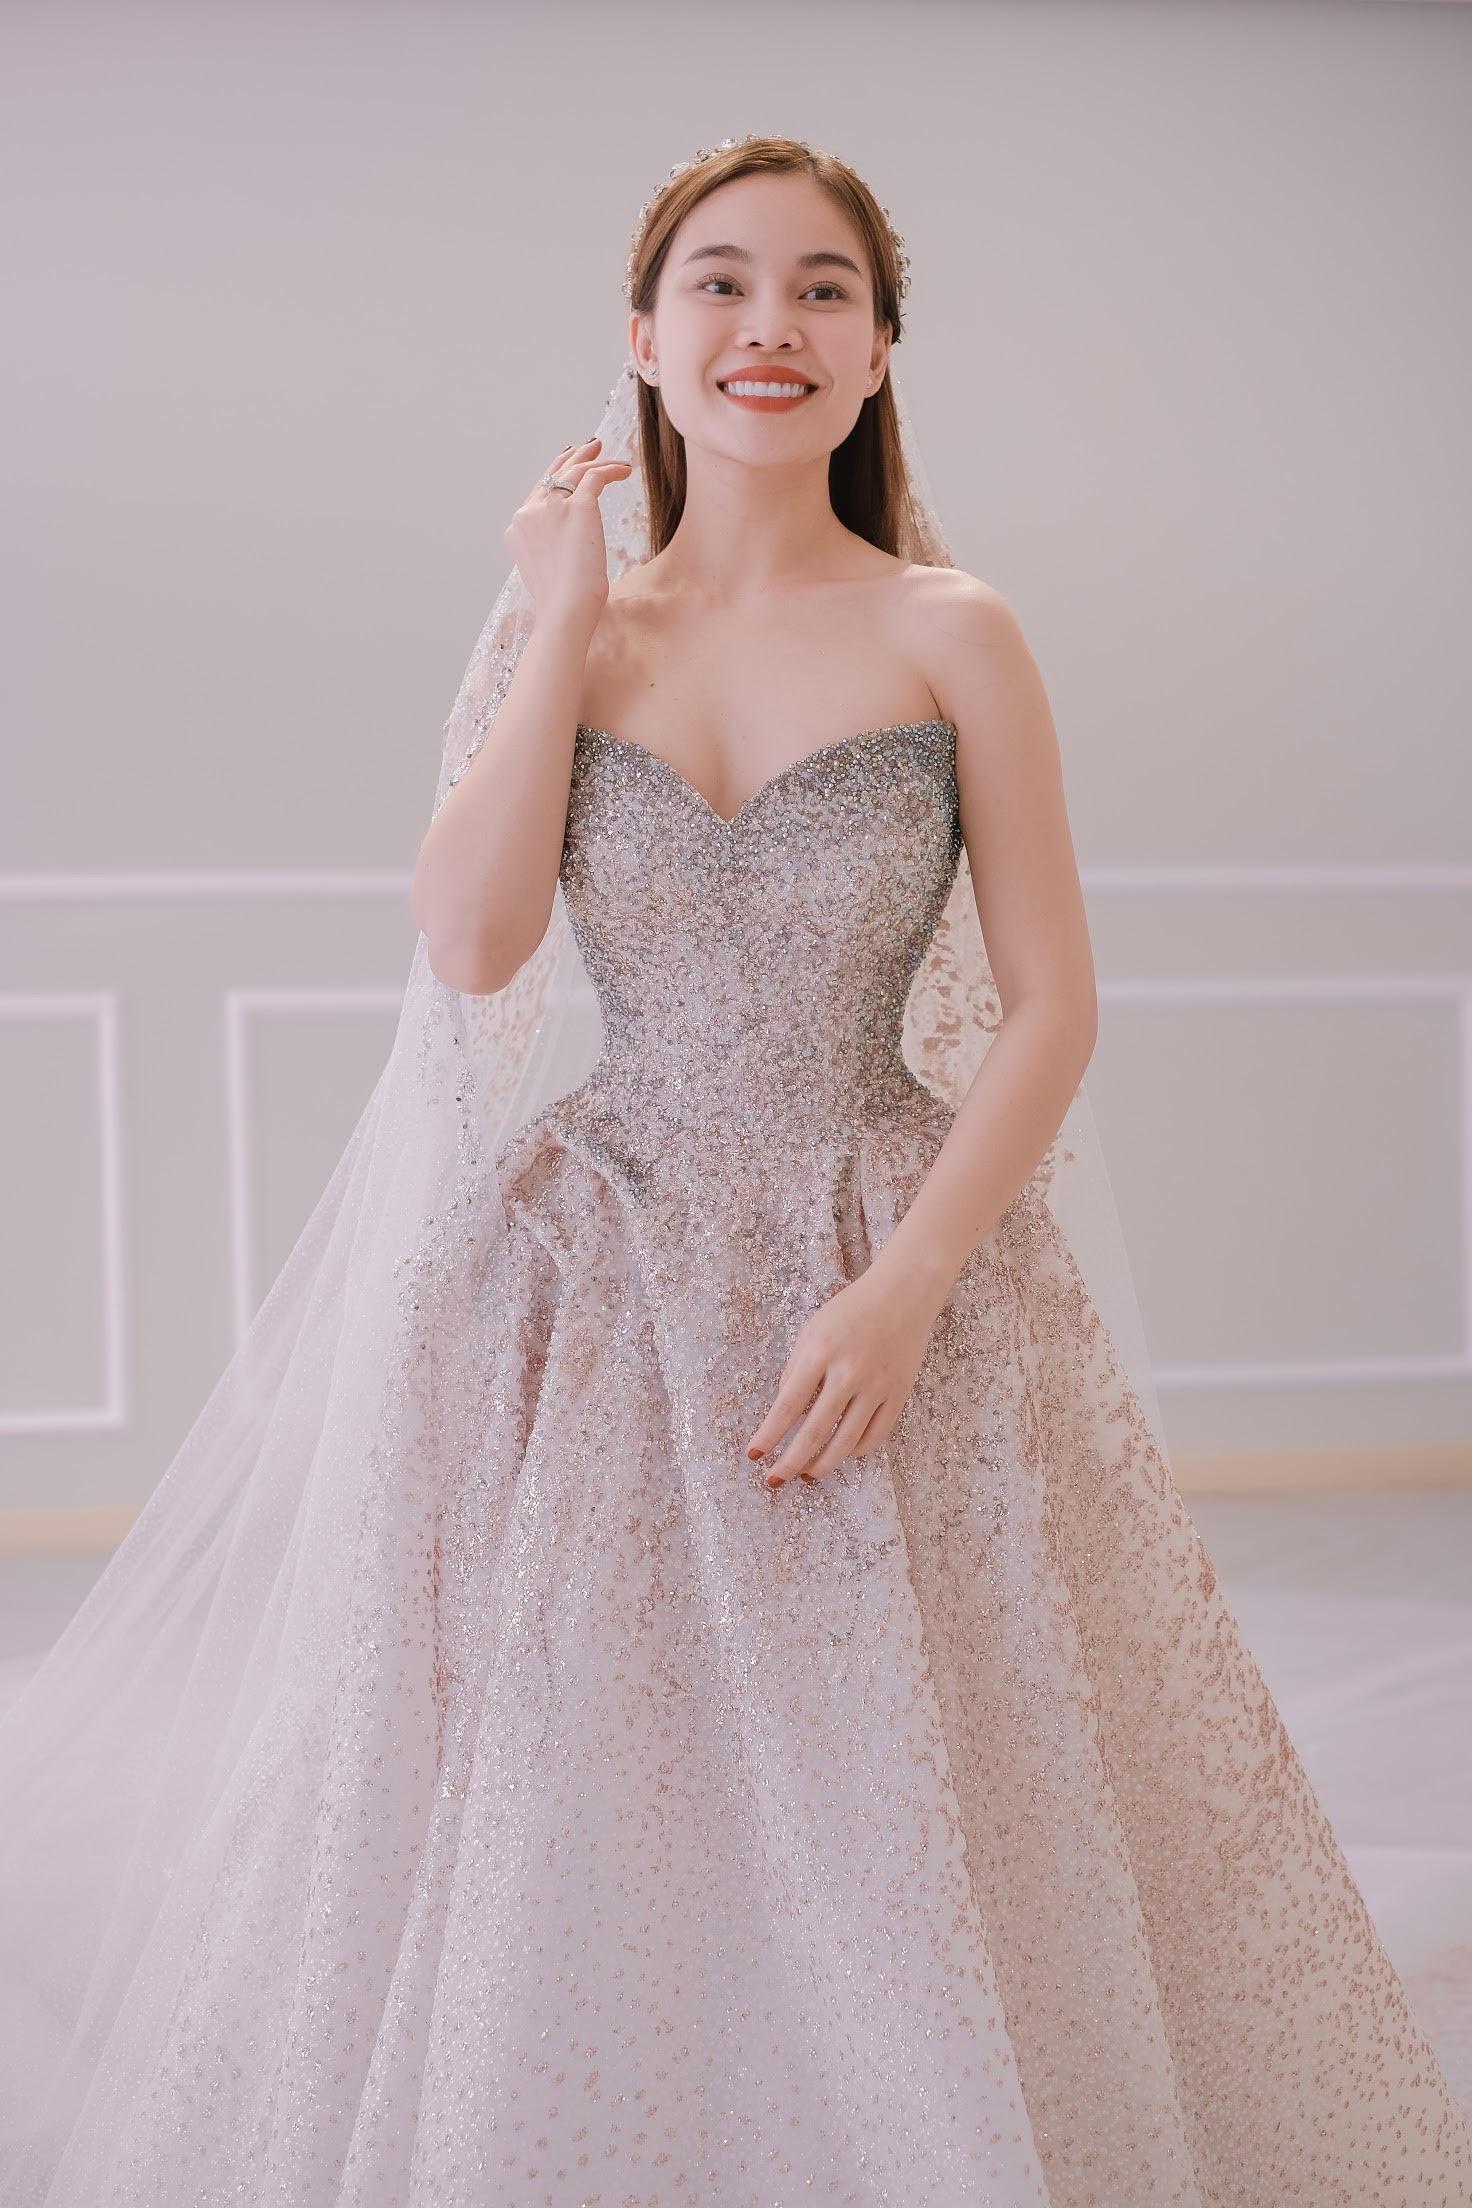 Sau Đông Nhi, Bảo Thy, đến lượt Giang Hồng Ngọc thử váy trước thềm đám cưới - Ảnh 9.